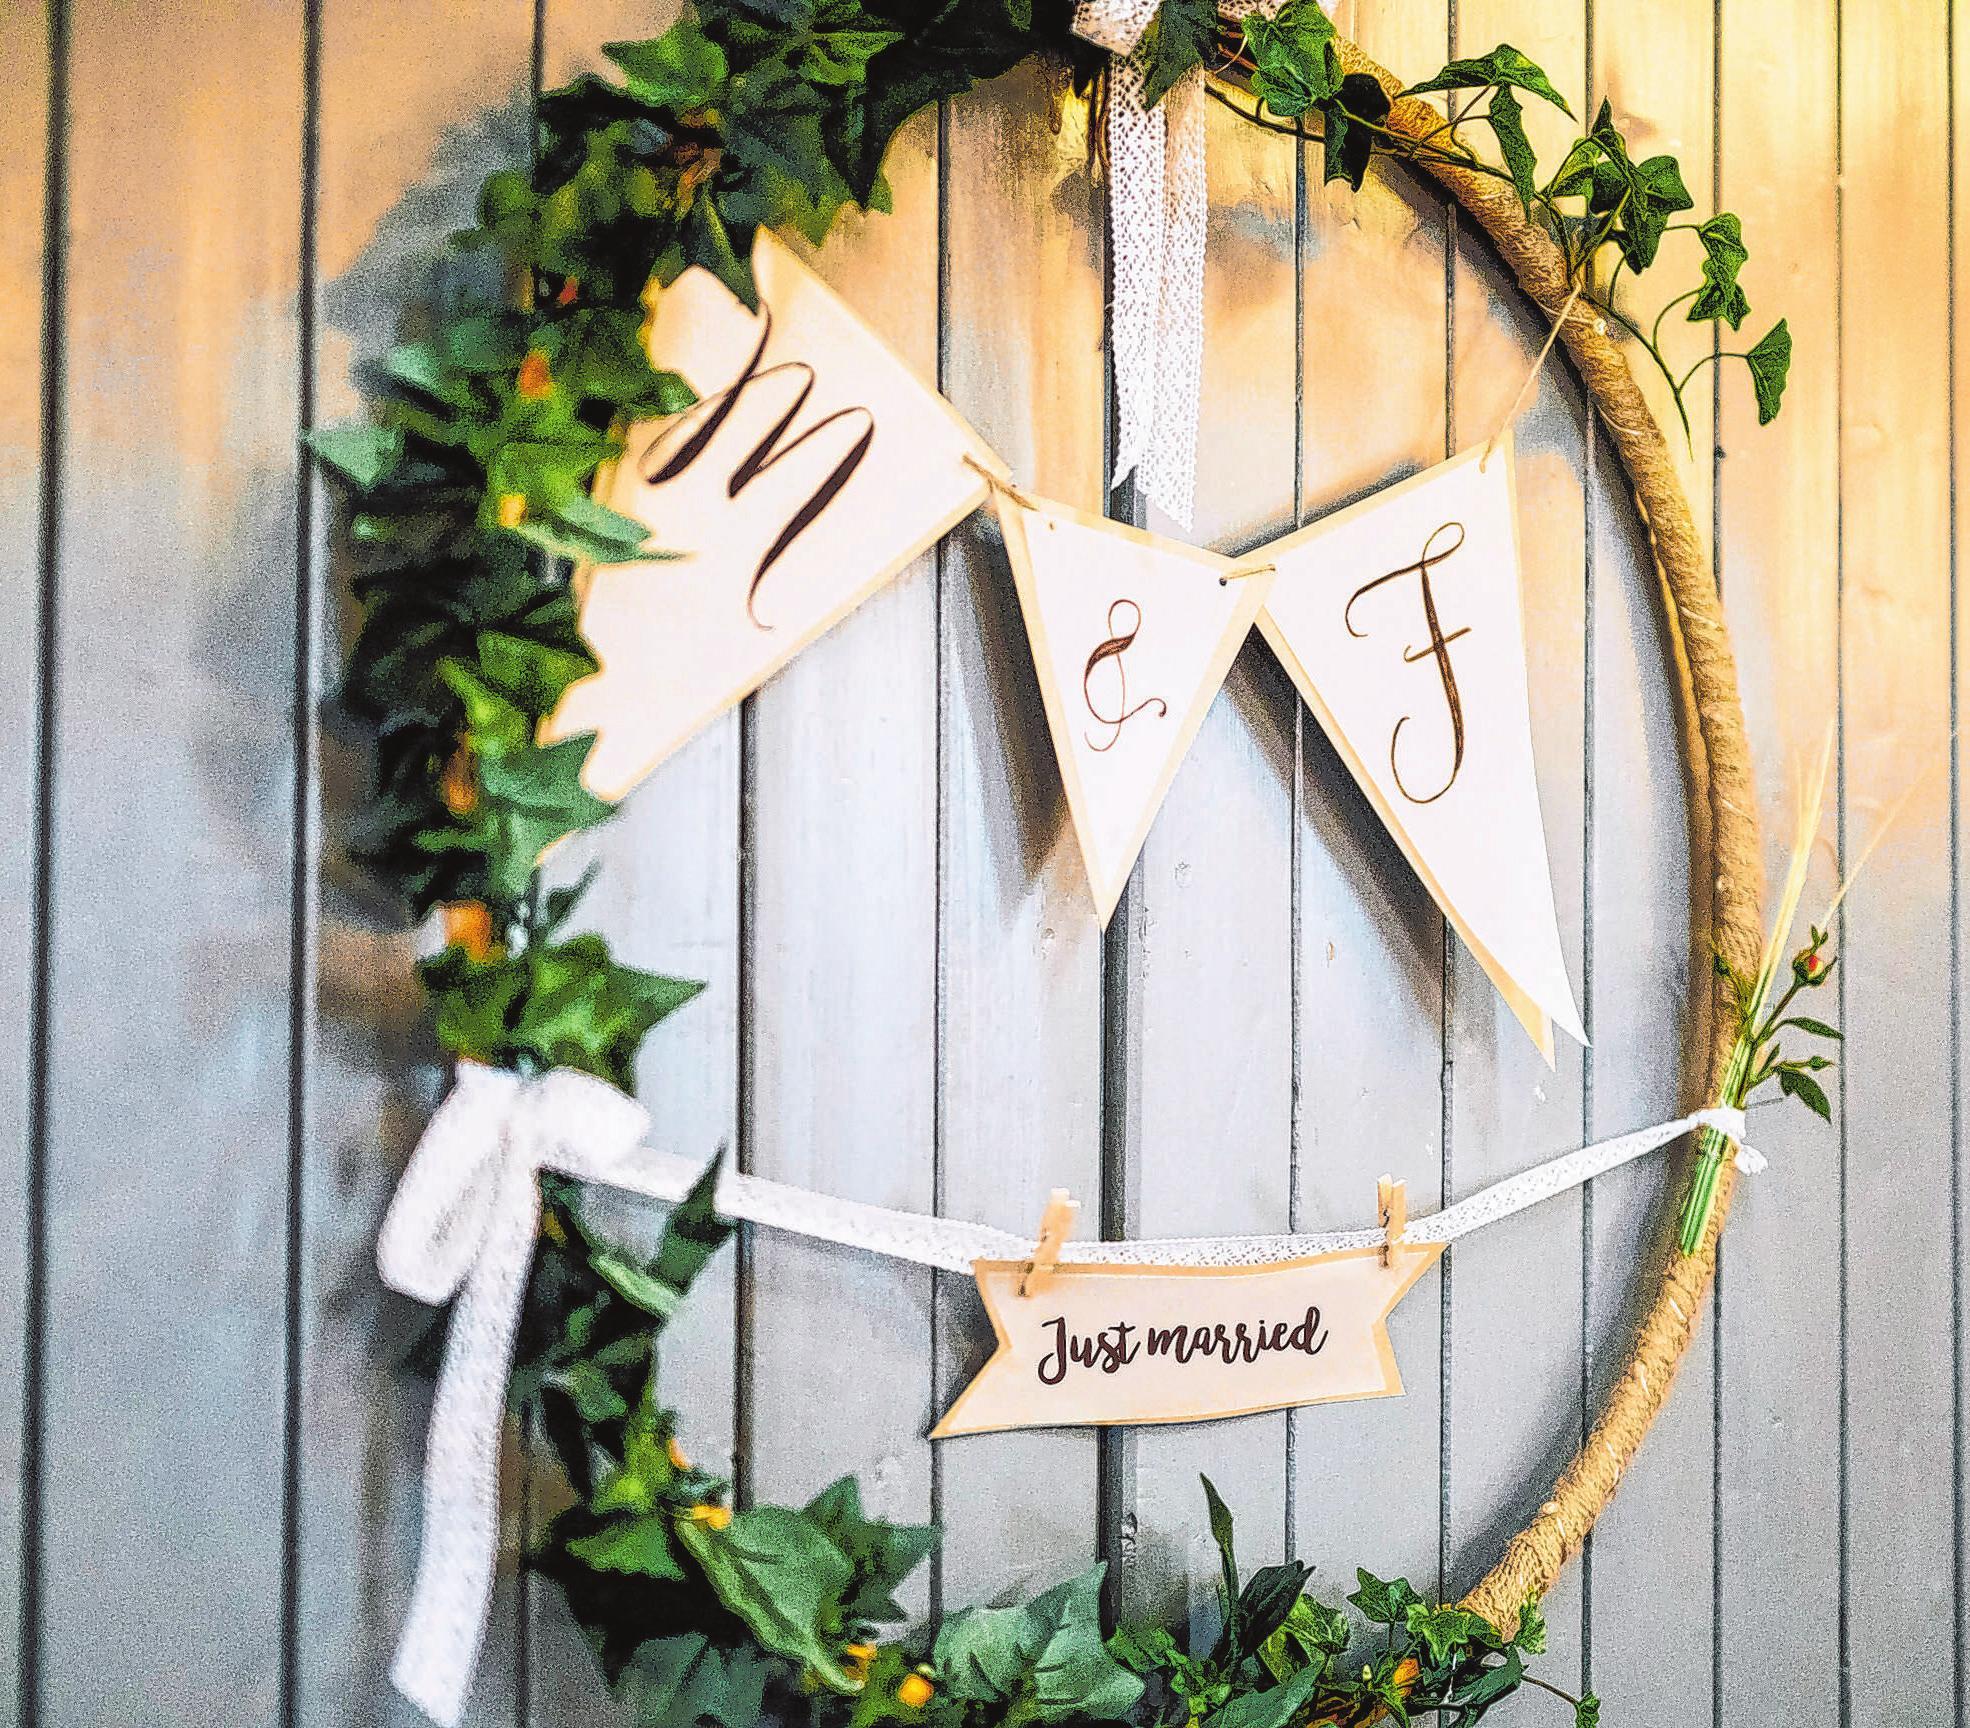 Geschmückte Reifen - die sogenannten wedding loops - sind immer öfter als Dekoration zu sehen. Foto: Paul Träger/dpa-mag